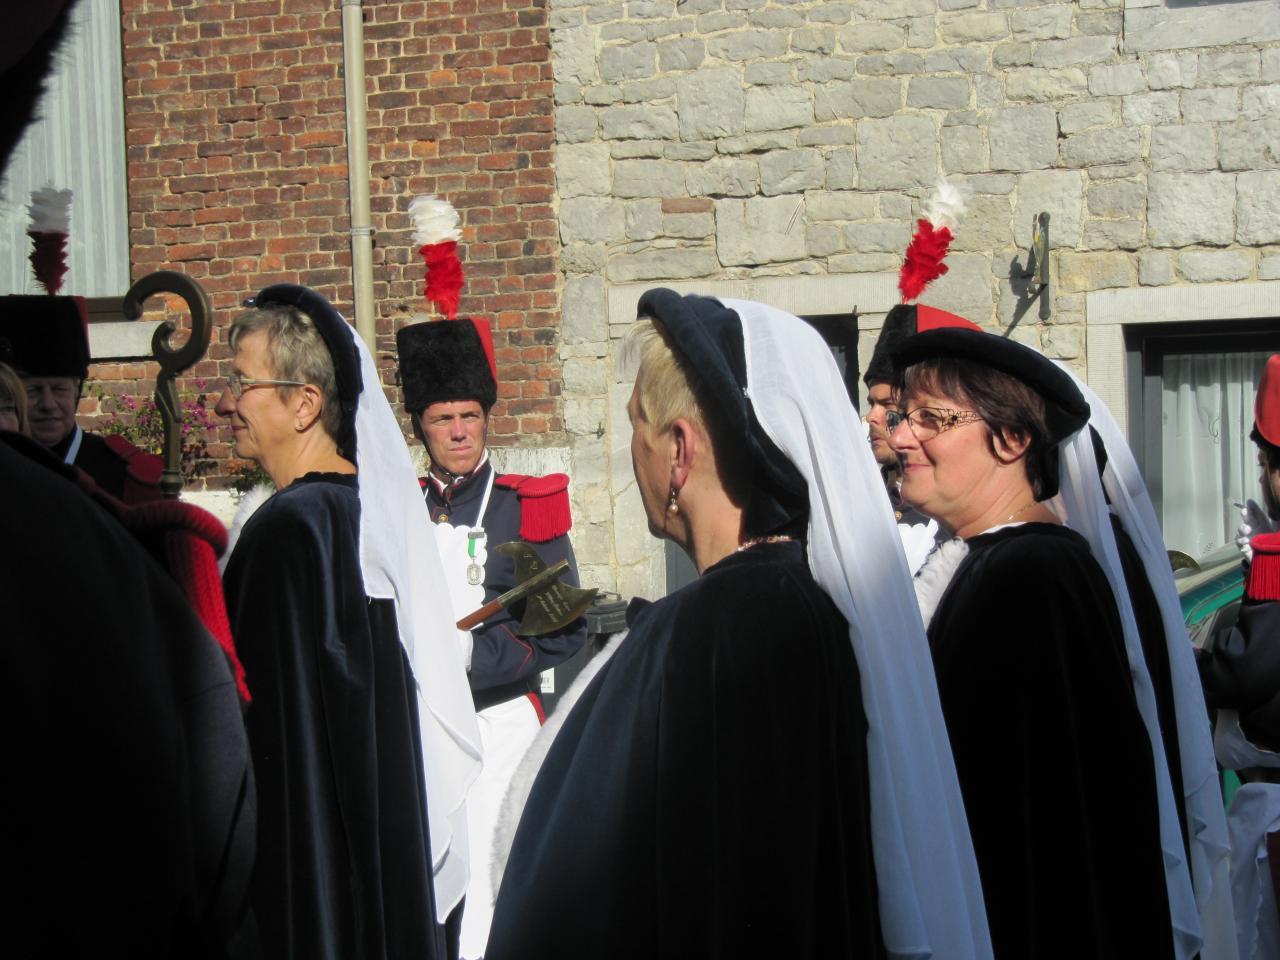 Festivité Ste Rolende 18102014 261